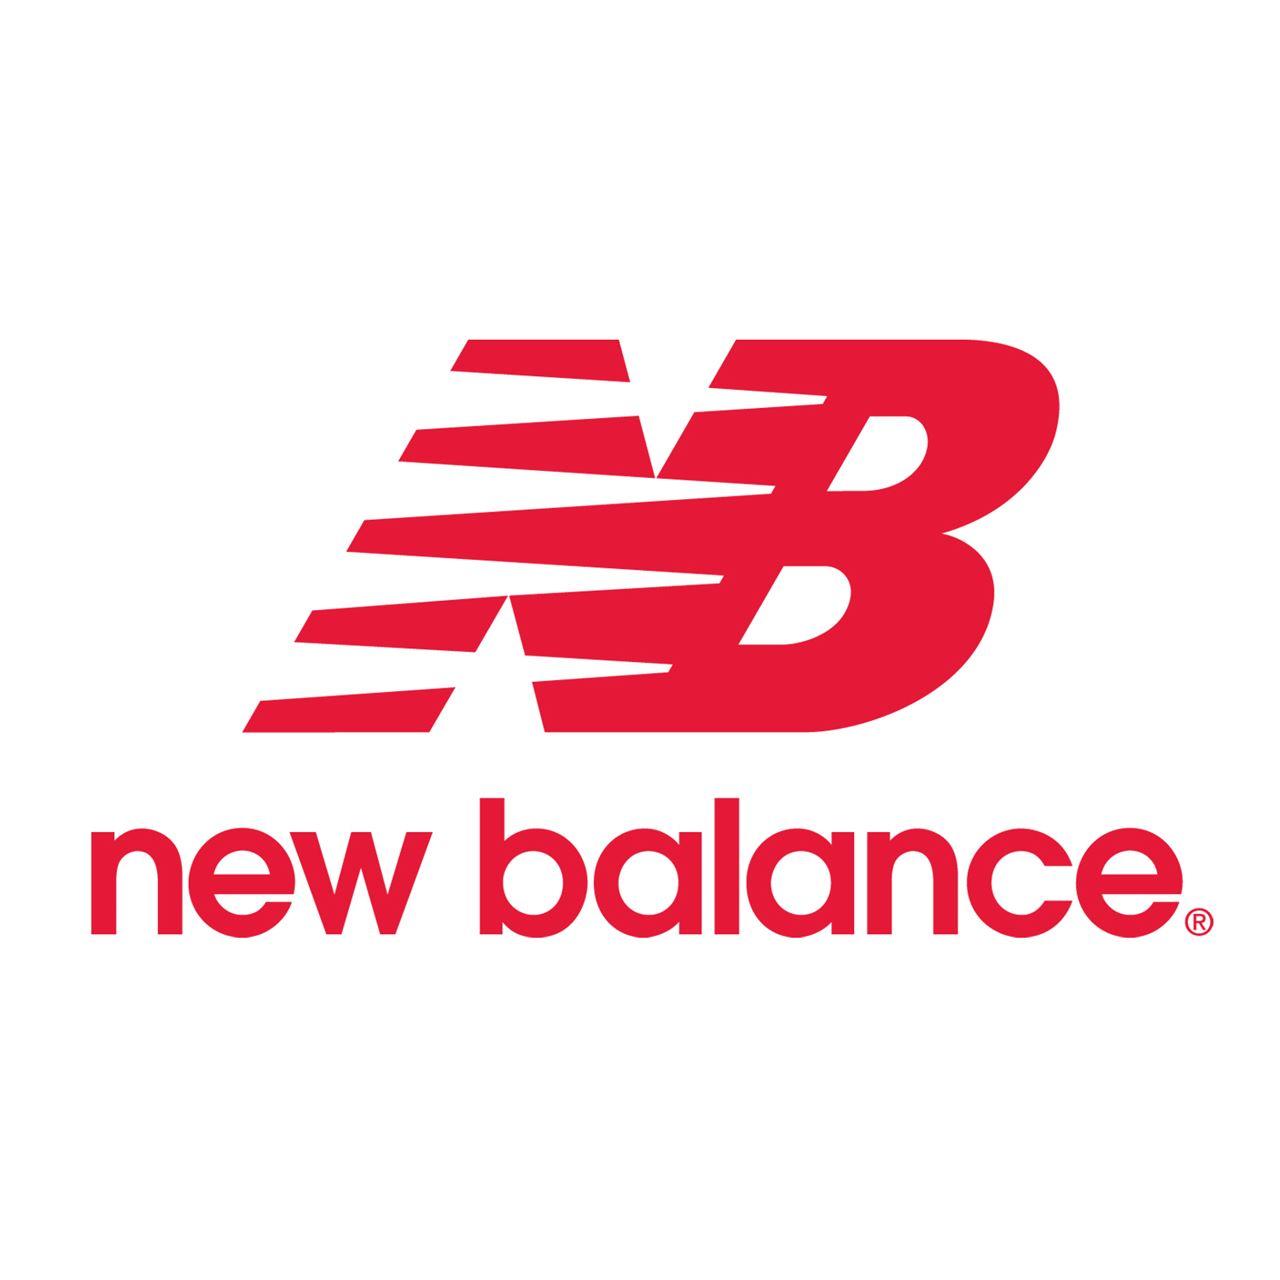 new-balance.jpeg